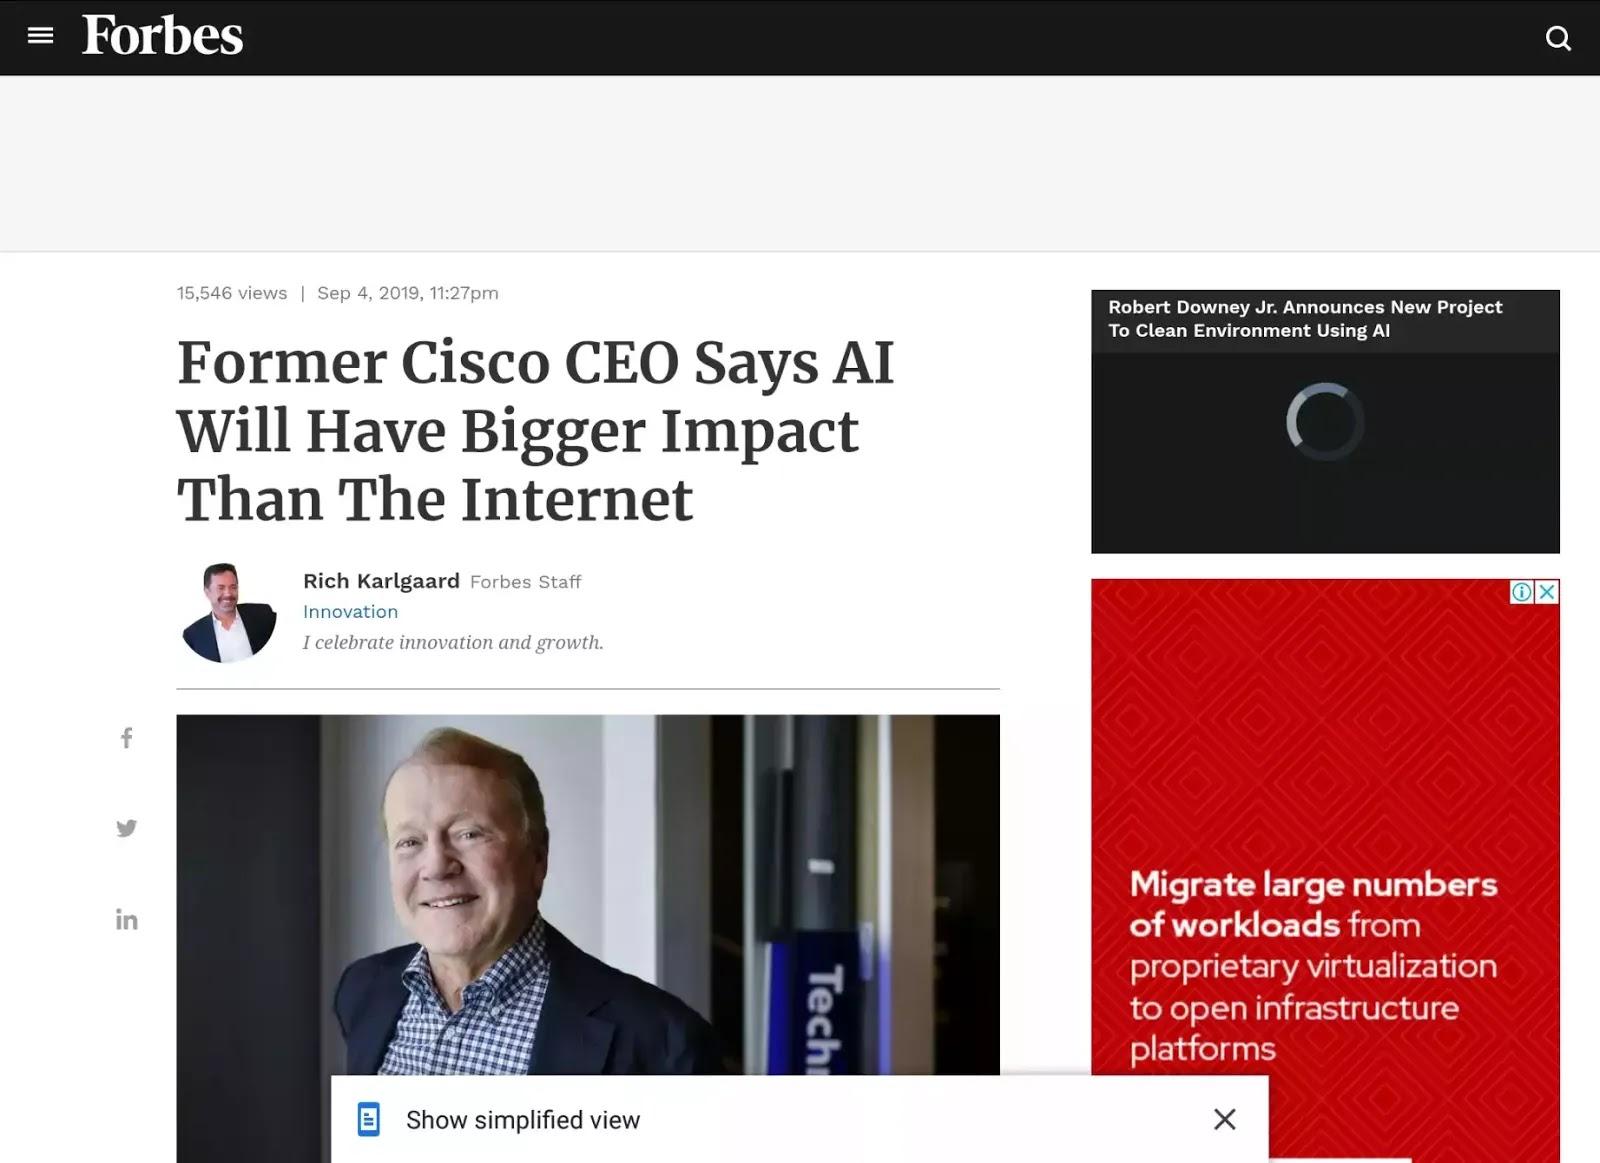 contoh konten atau artikel pada halaman majalah Forbes